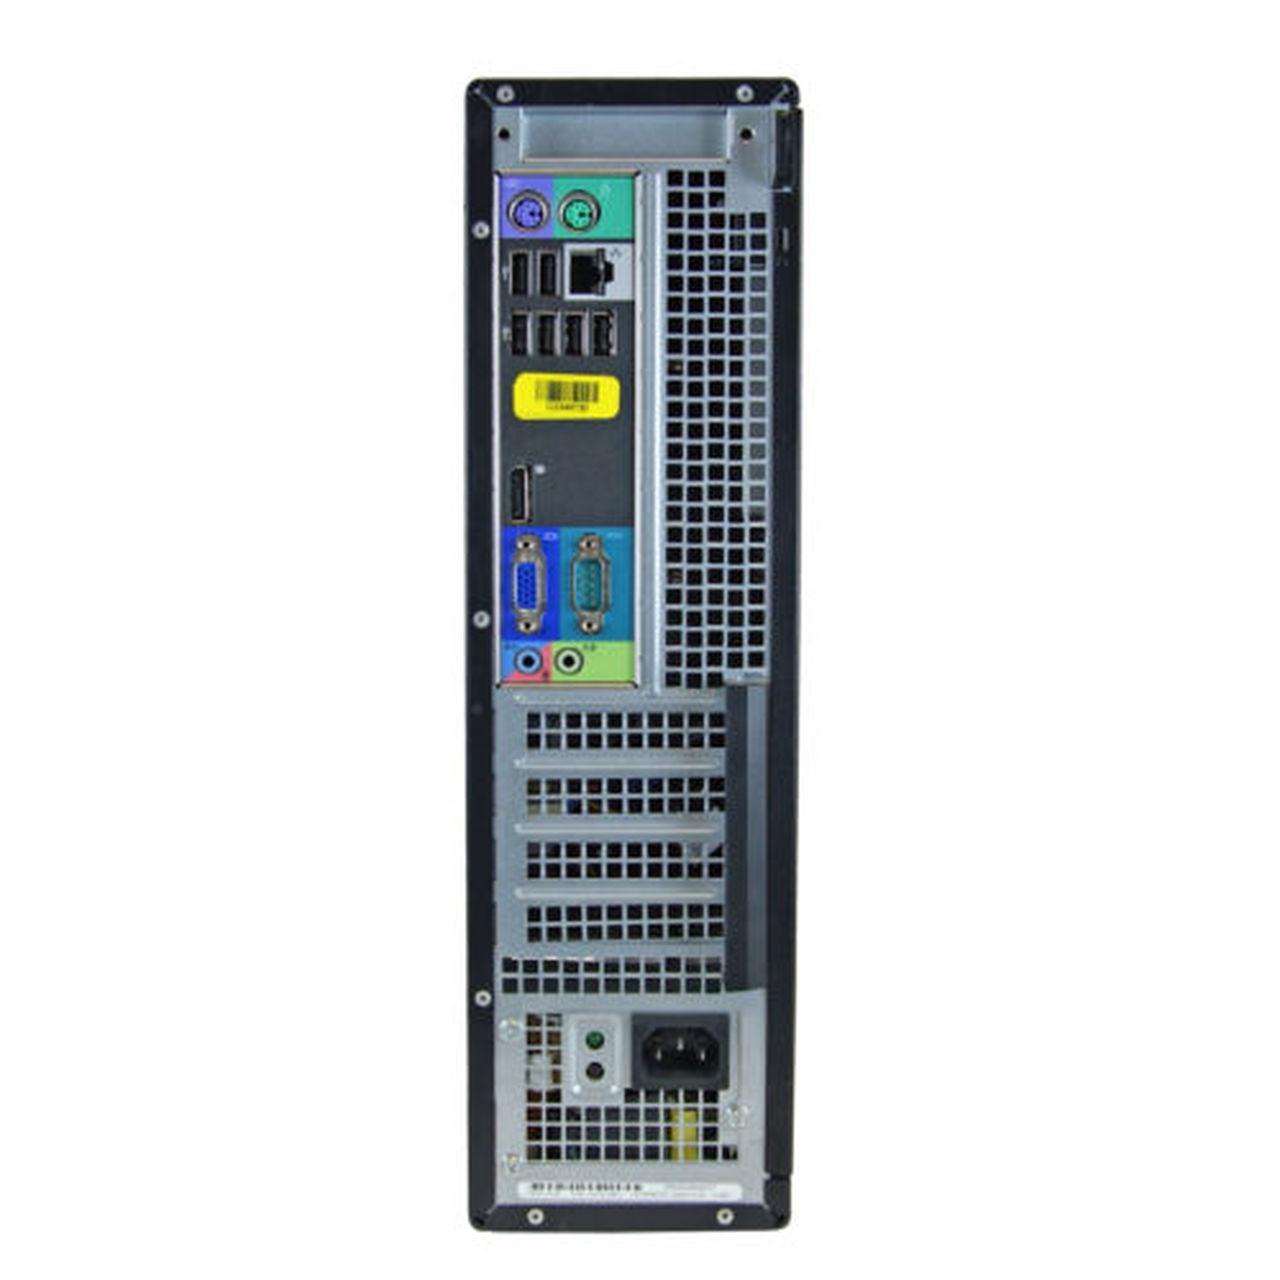 Dell OptiPlex 790 DT Core i7 3,4 GHz - SSD 480 GB RAM 8 GB